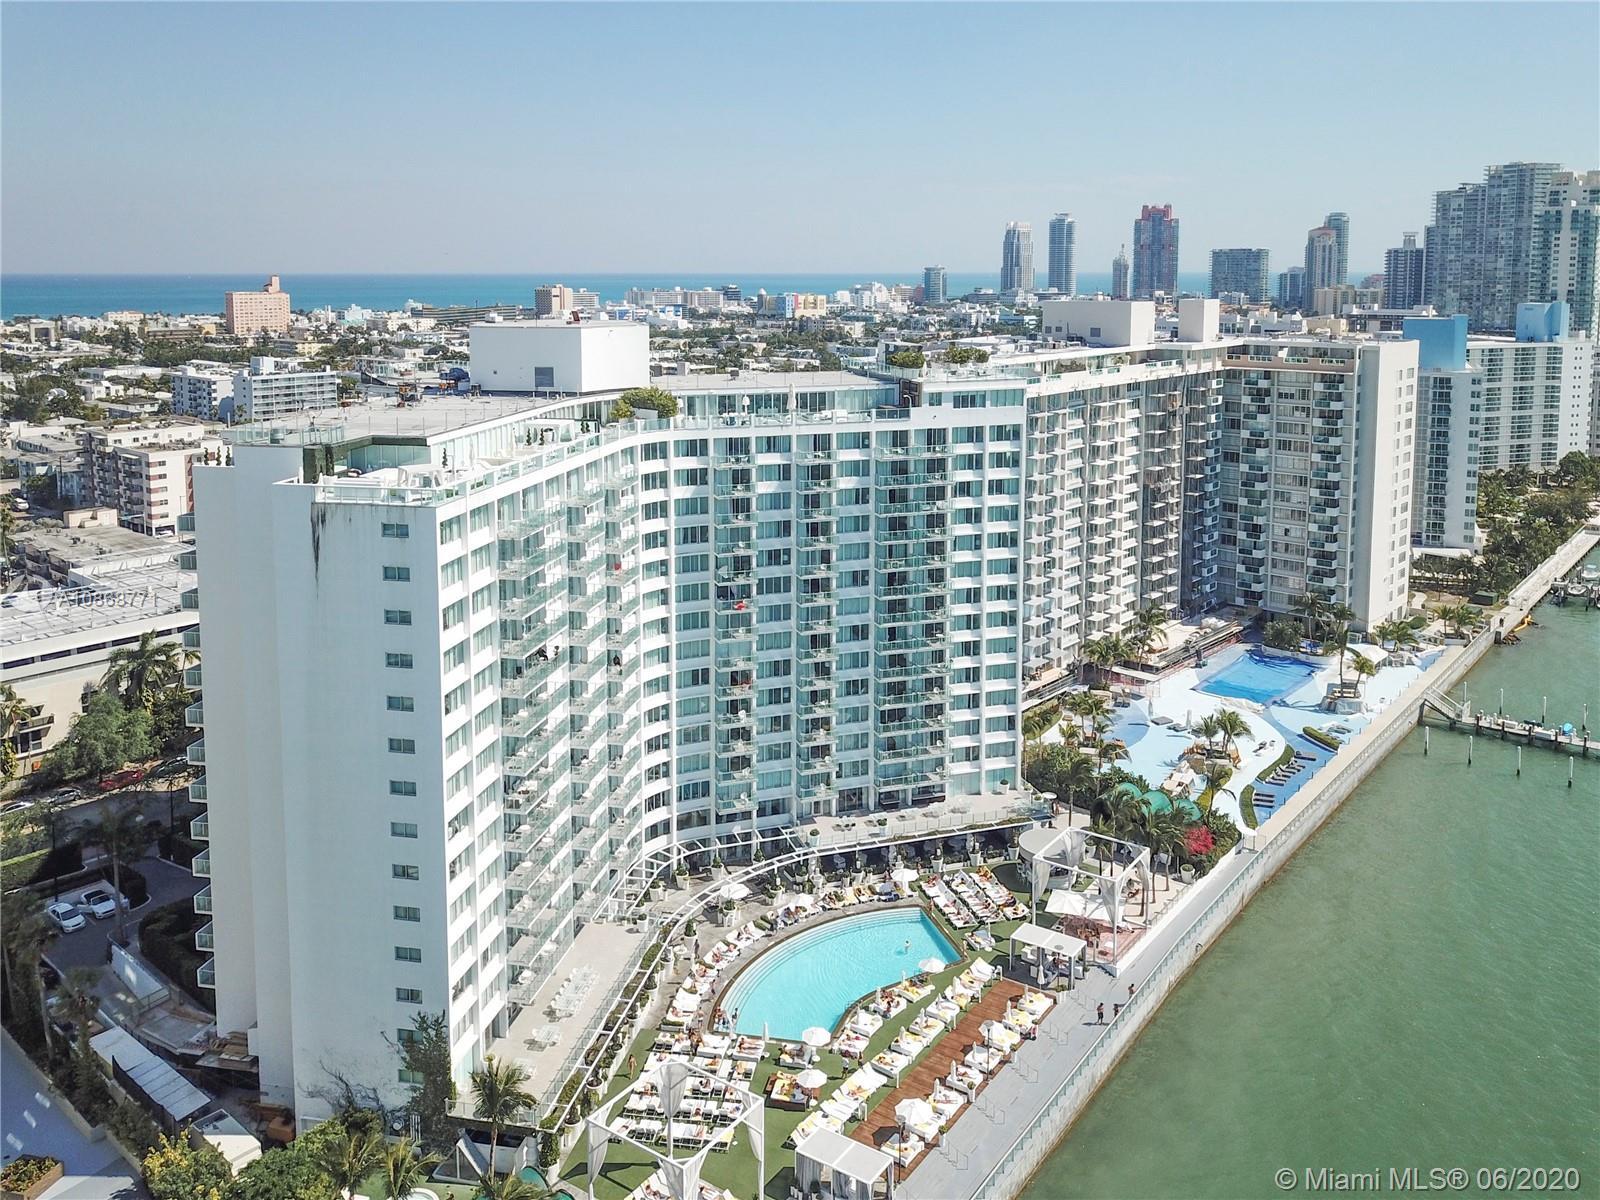 Mondrian South Beach #317 - 11 - photo